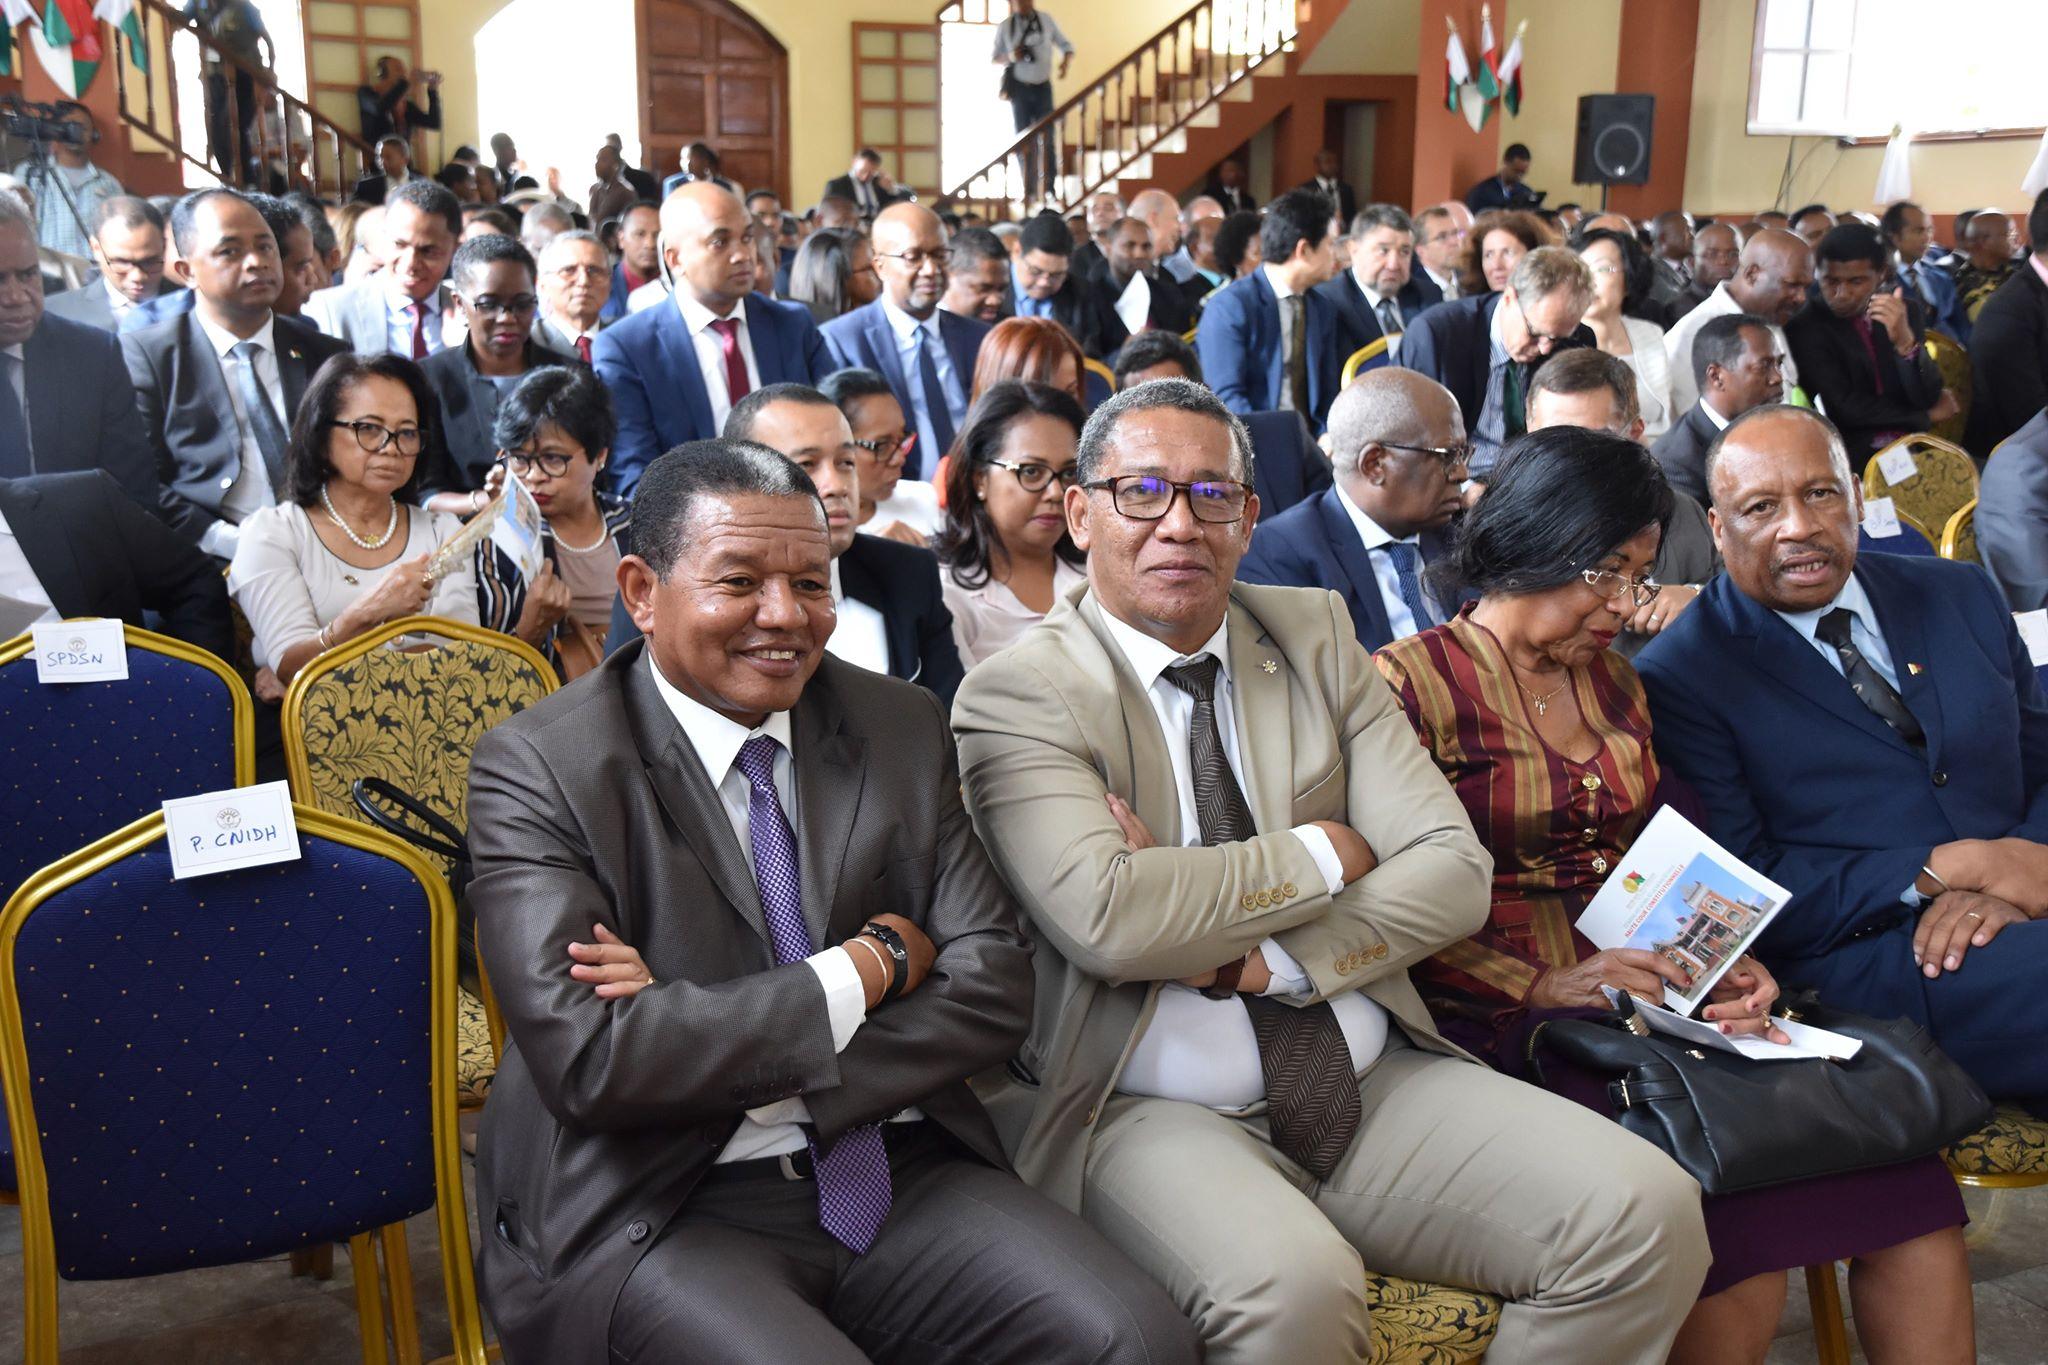 Déclaration du Président de la Commission sur les résultats définitifs du processus électoral à Madagascar – African Union Peace and Security Departement